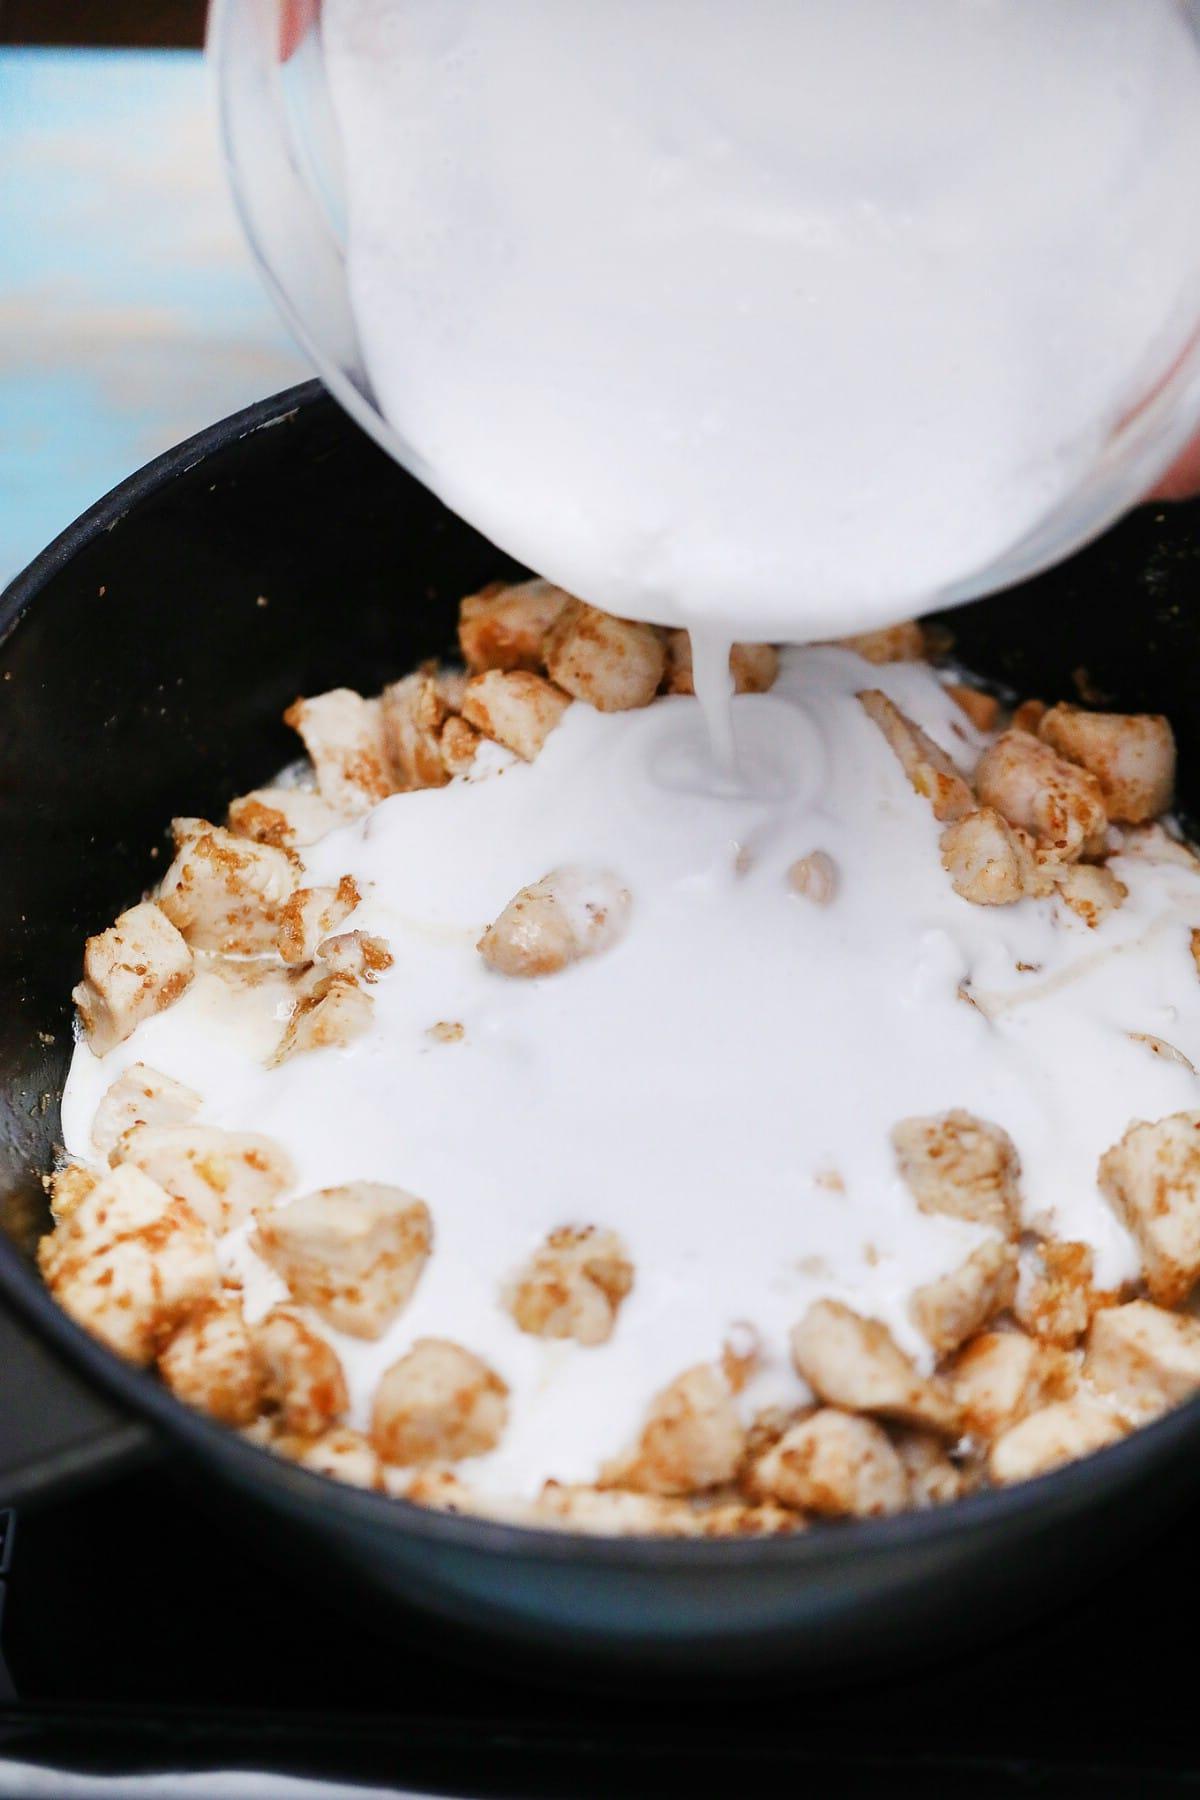 Adding milk to chicken